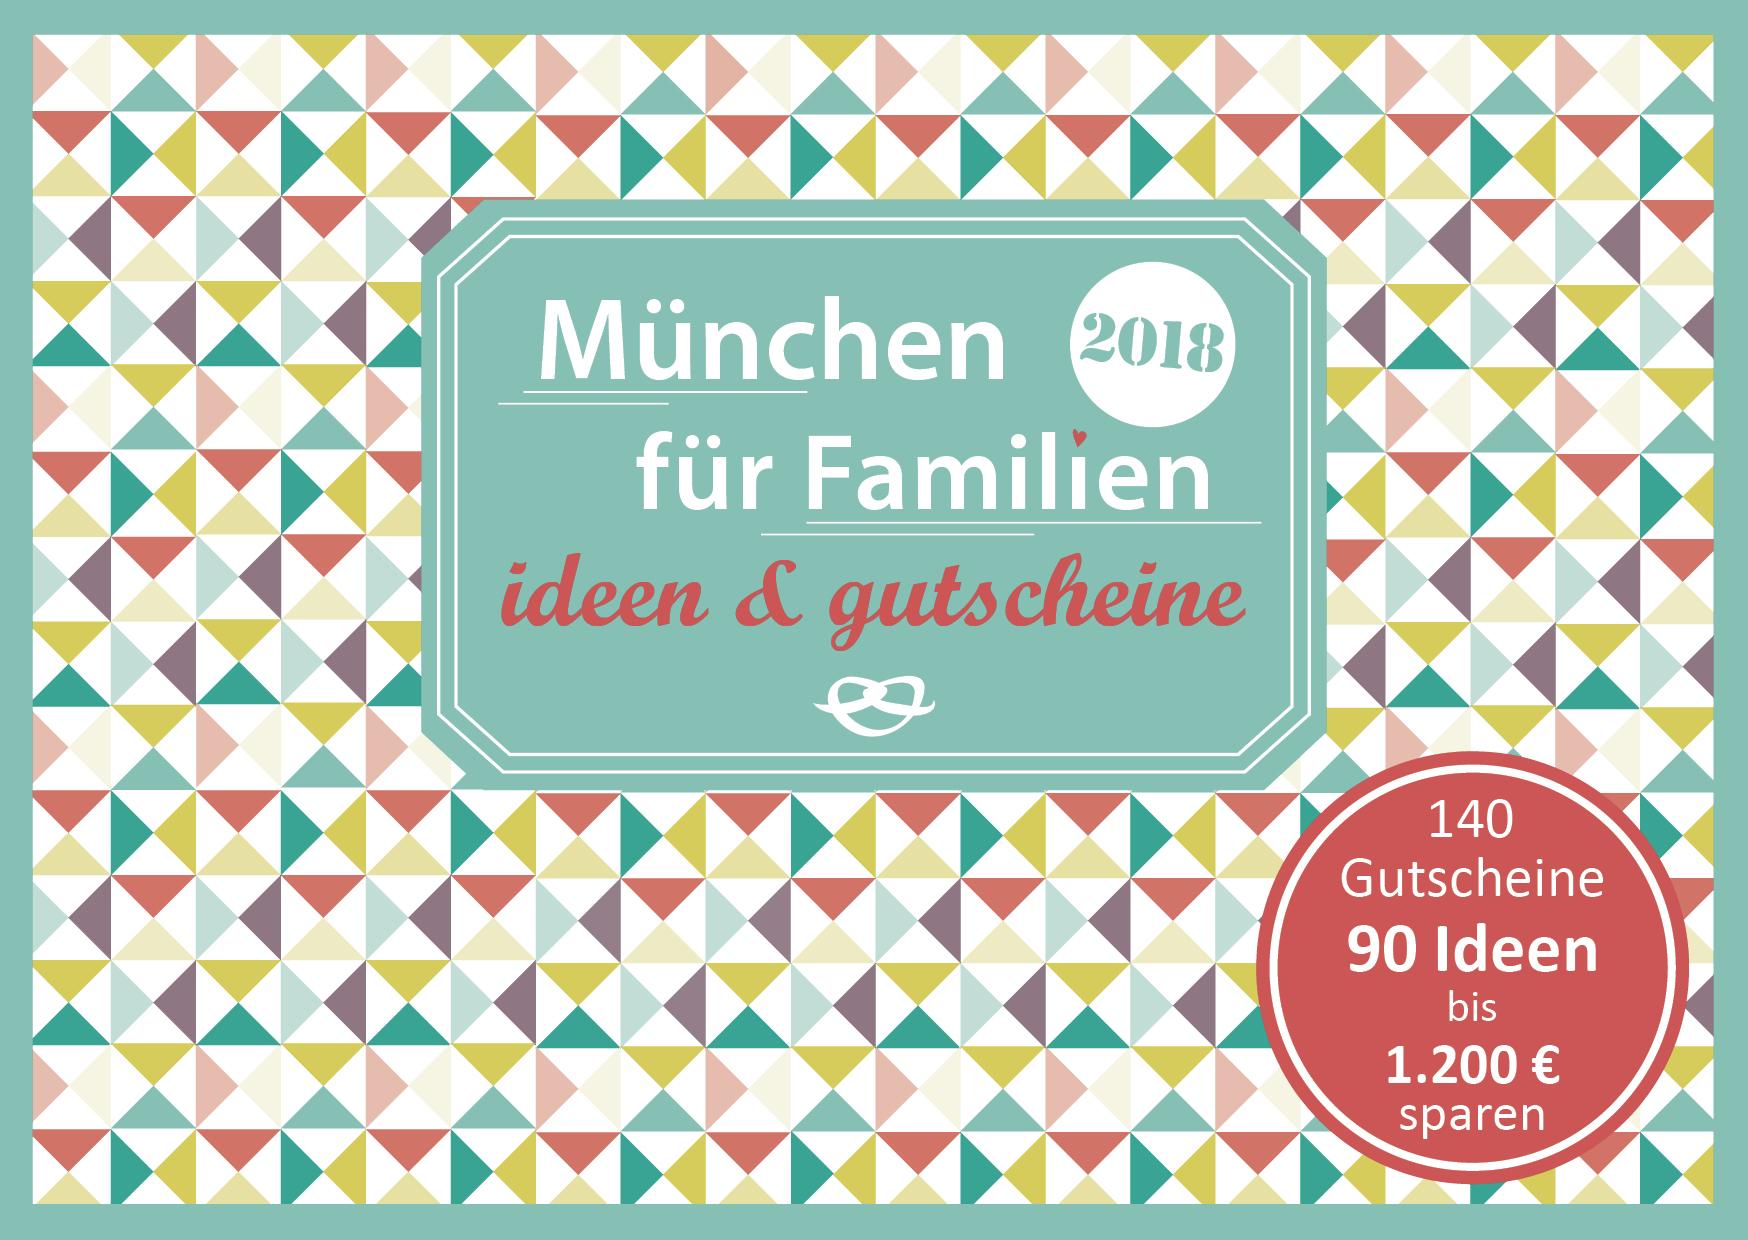 Familien Gutscheinbuch Muenchen Cover 2018 final 1 - Gutscheinbuch München für Familien